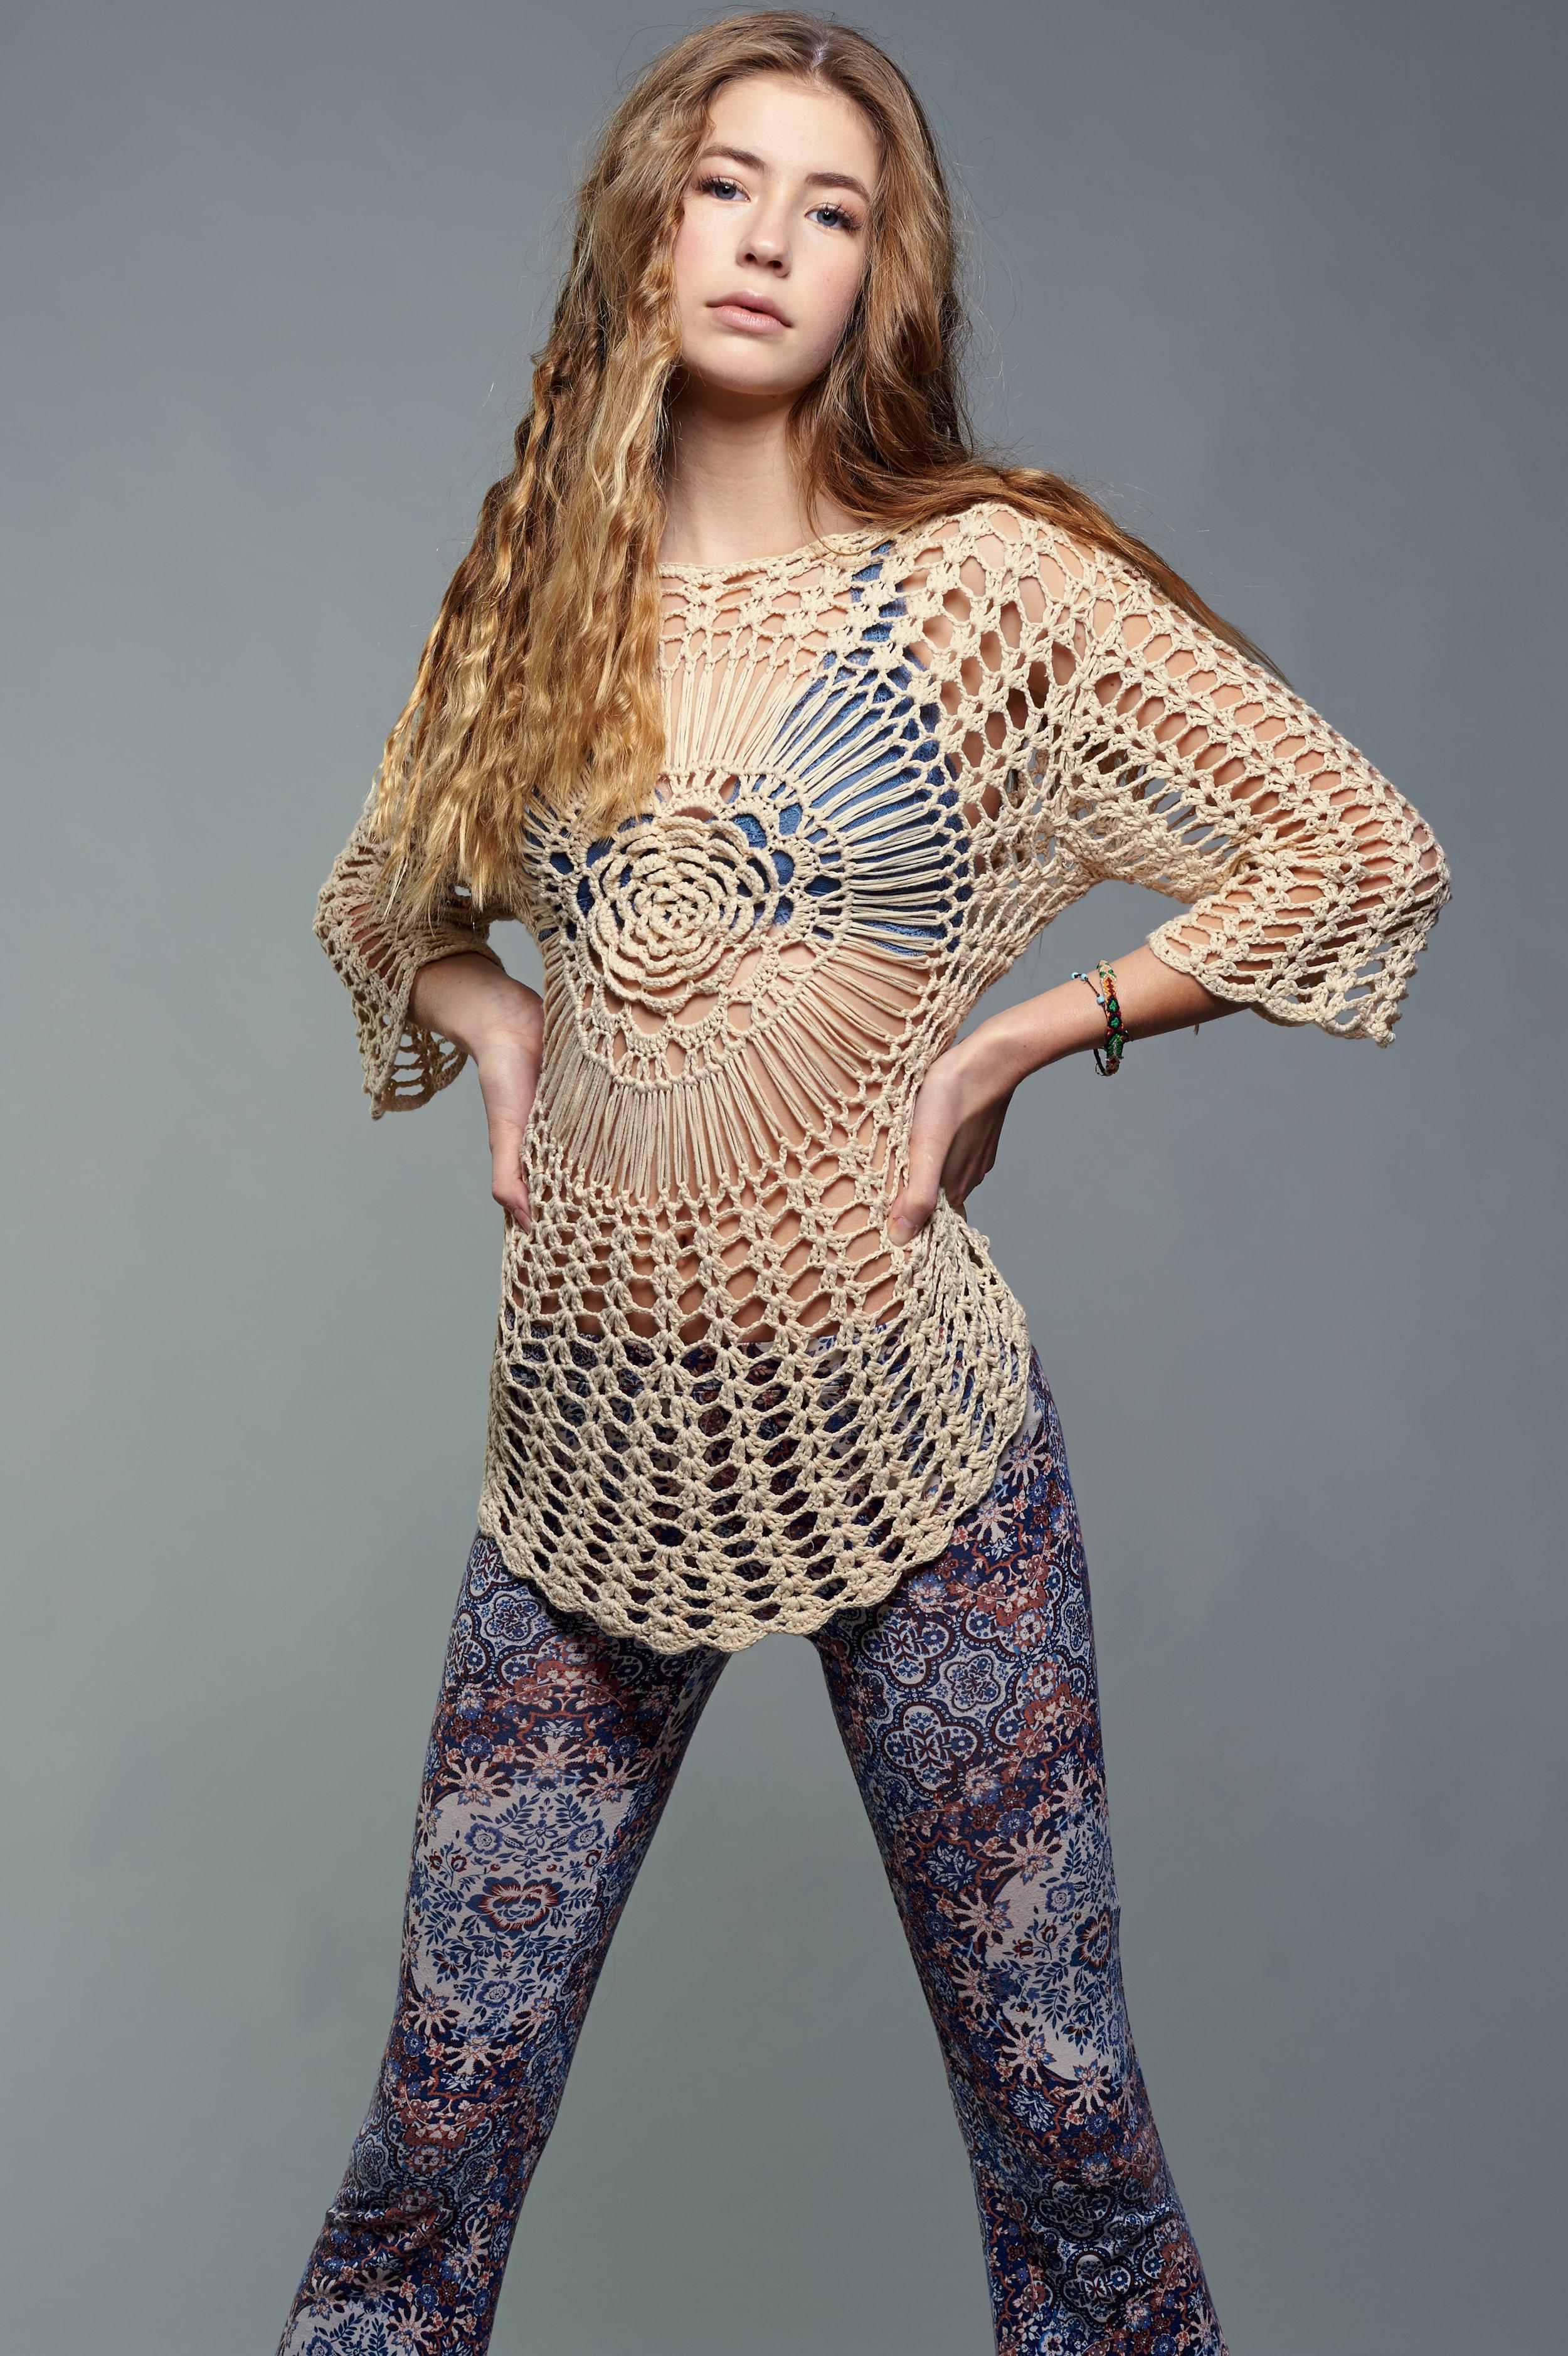 Marta-Hewson-Saffron-Du-Preez-Model-Portfolio-46353.jpg